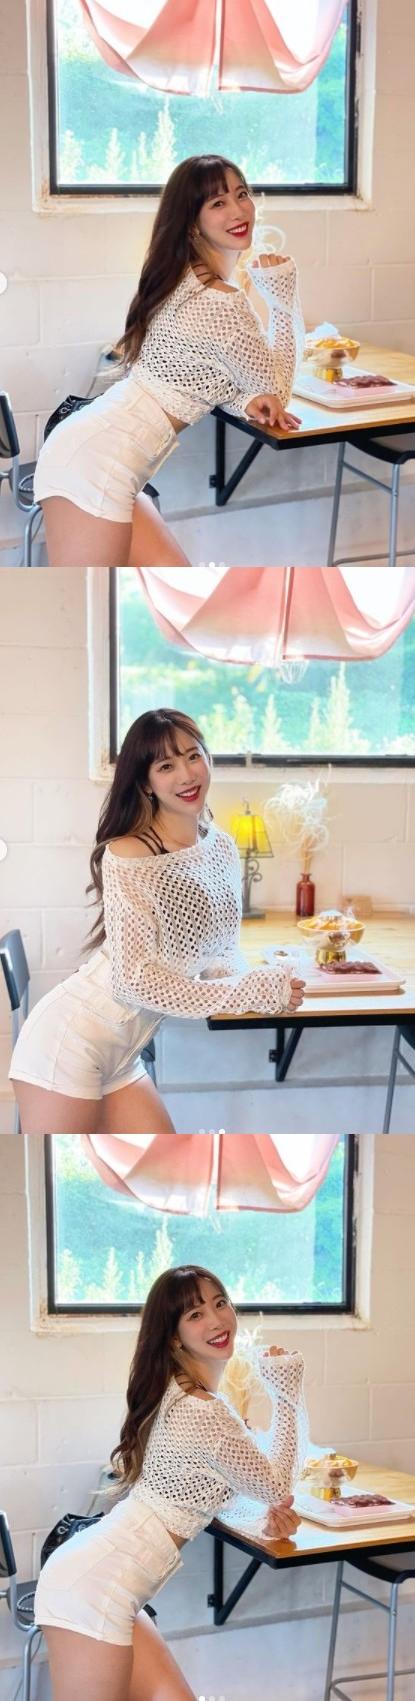 김한나 치어리더, S라인 몸매의 정석 [똑똑SNS]